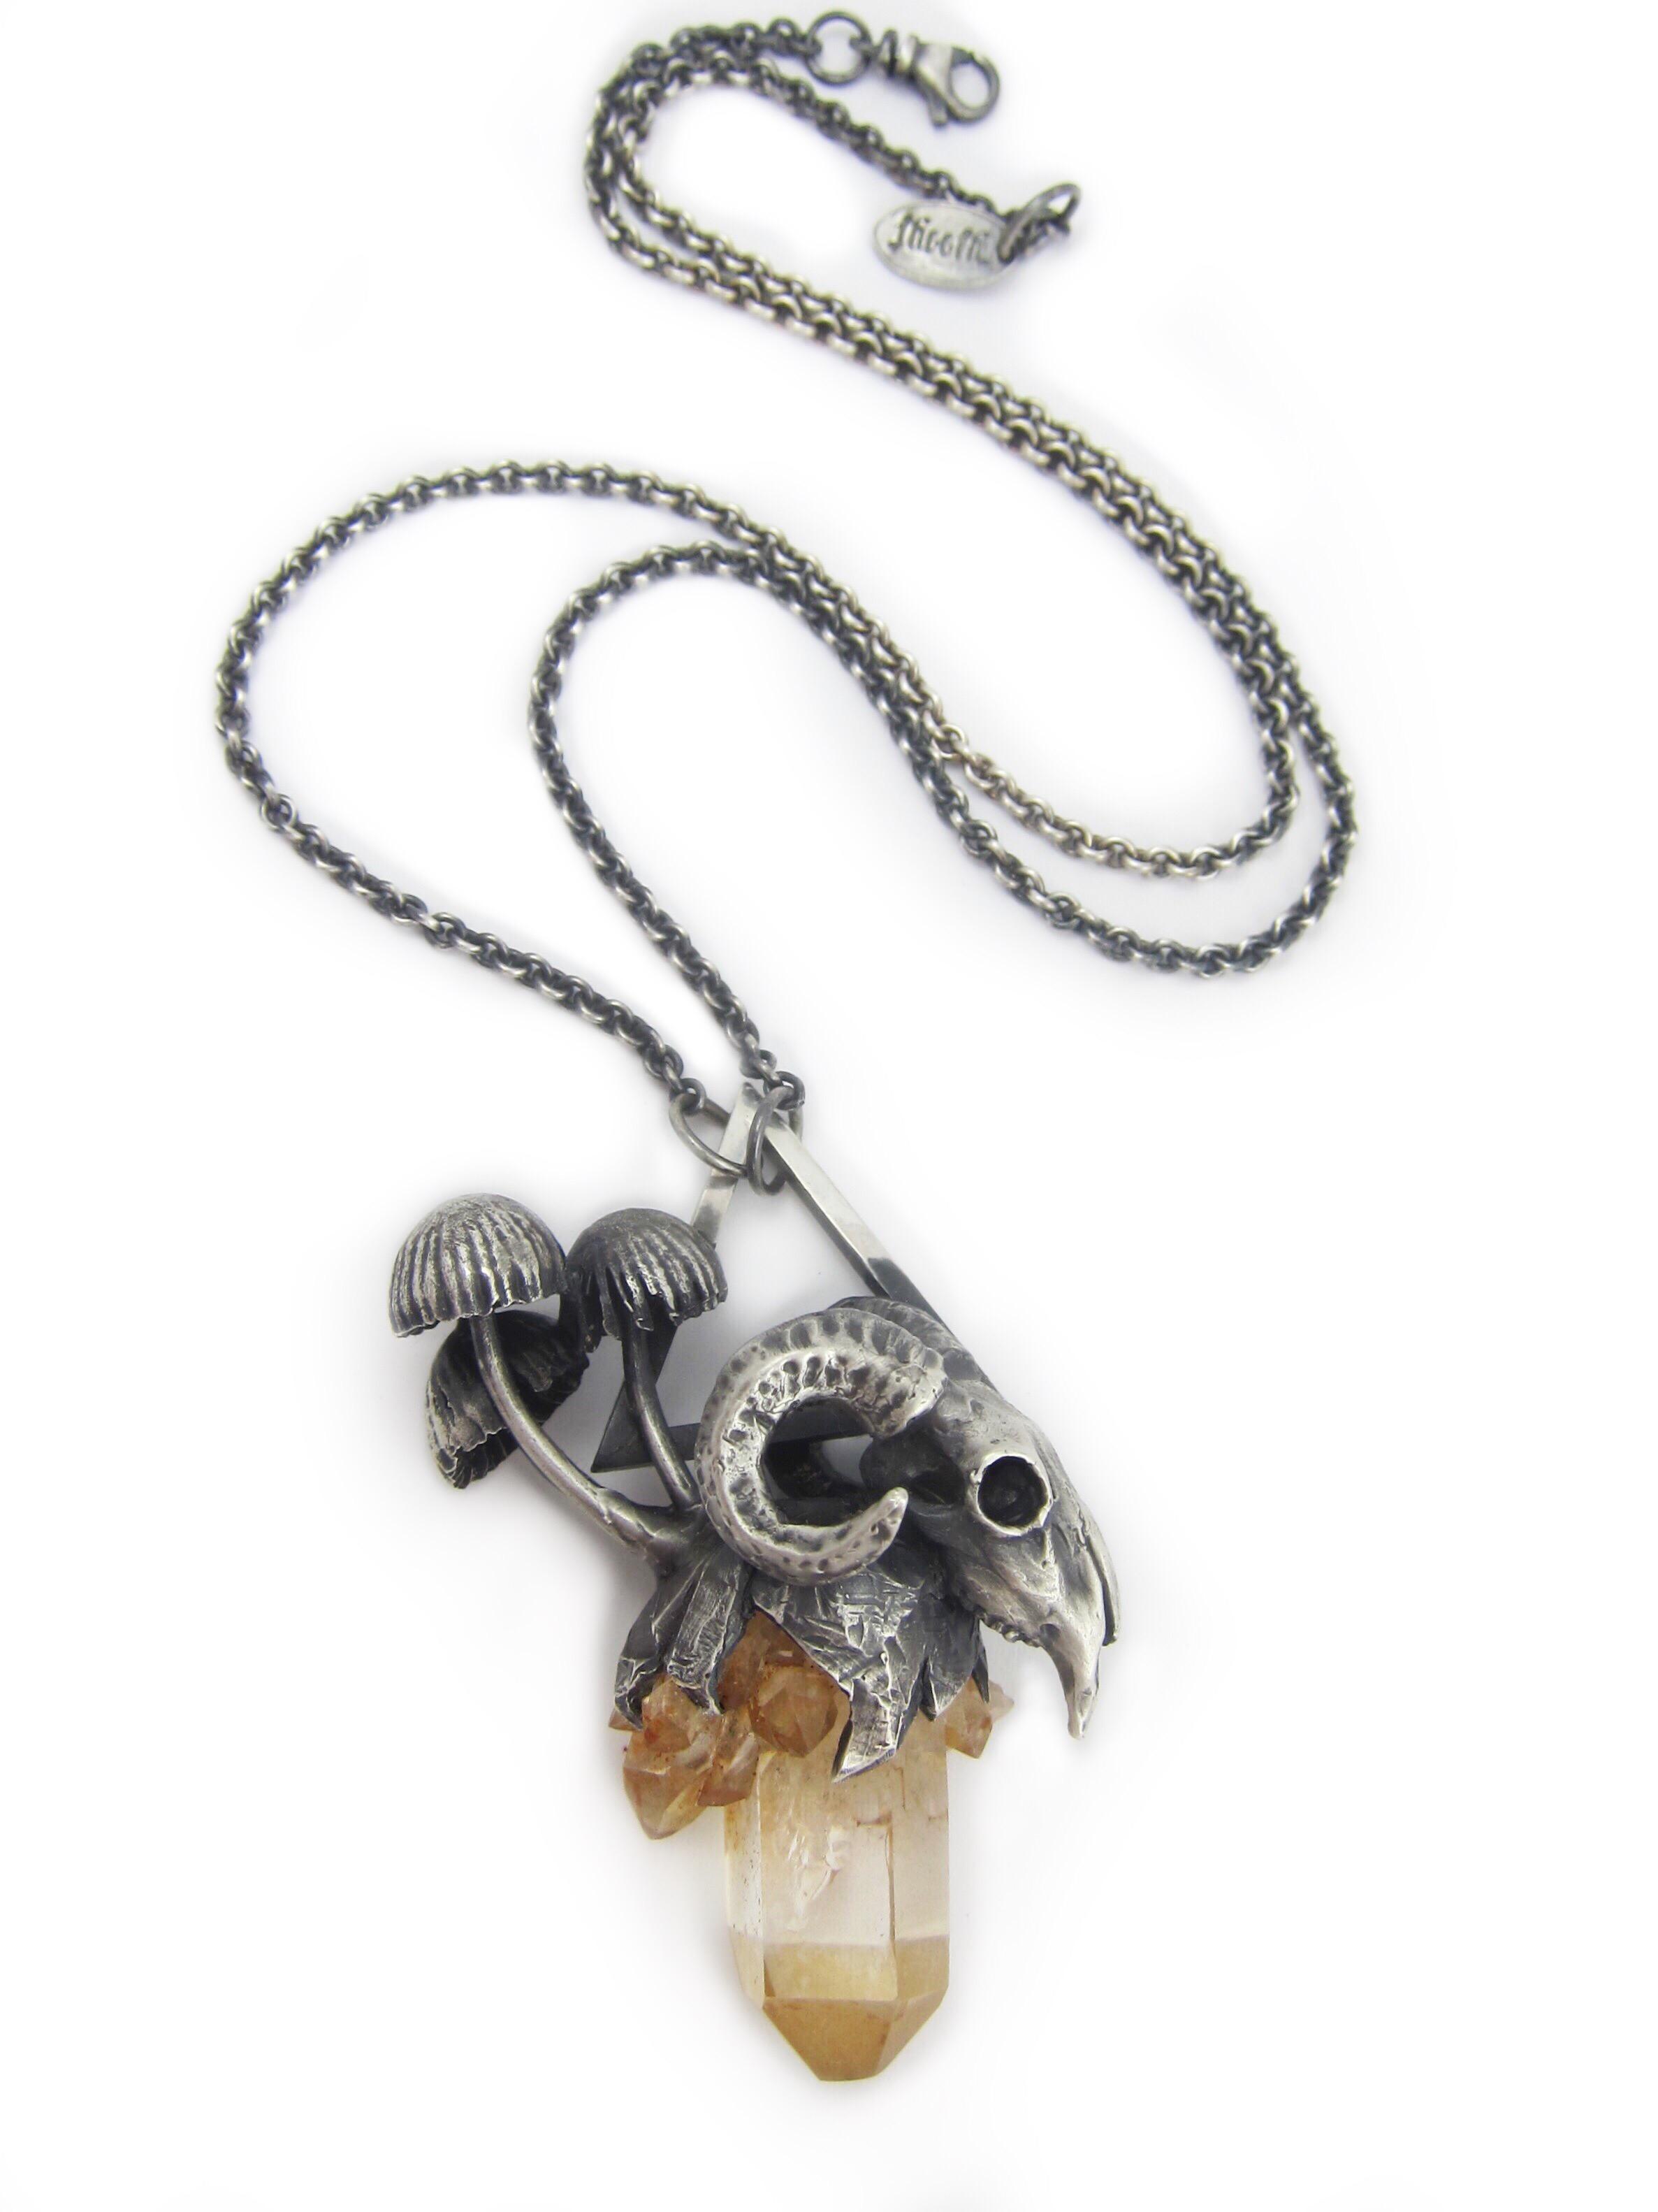 Mushroom Crystal Ram Skull Necklace